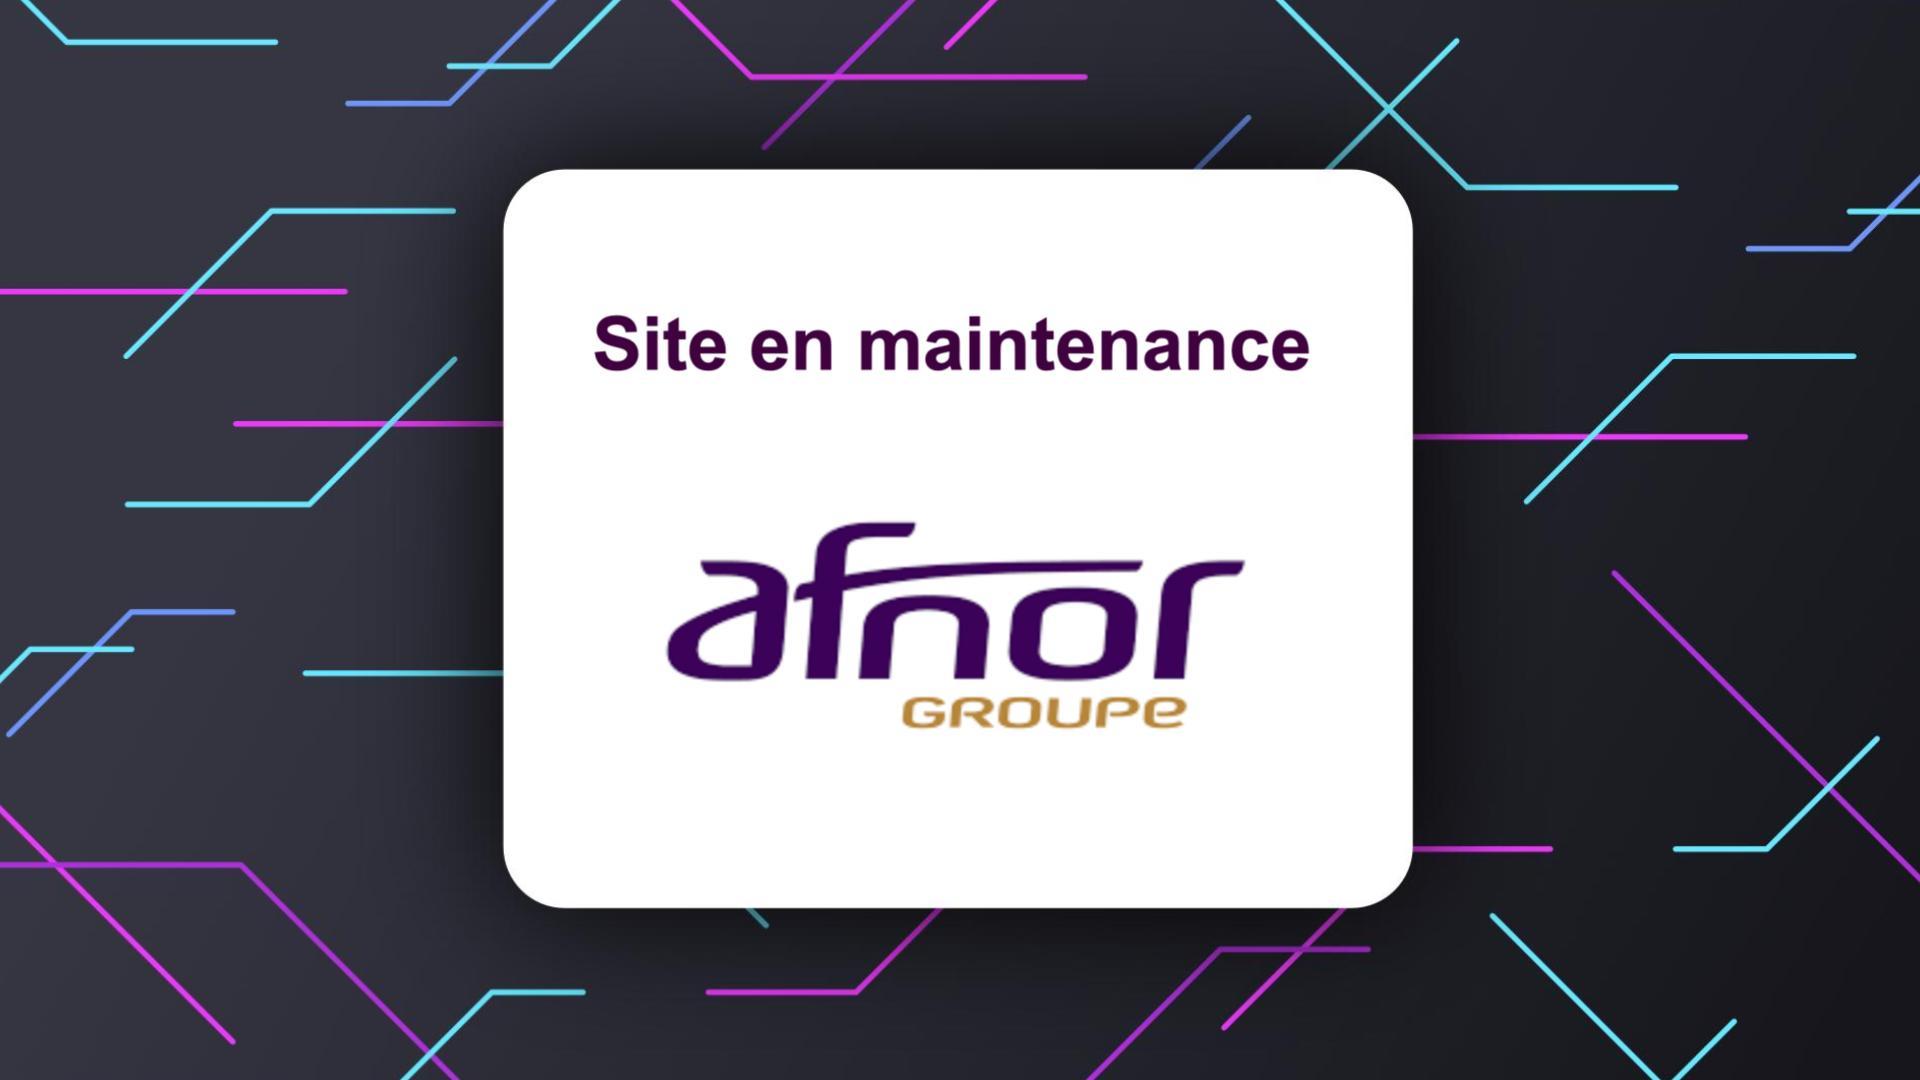 L'Afnor est victime d'une cyberattaque, ses sites ne fonctionnent plus - Cyberguerre